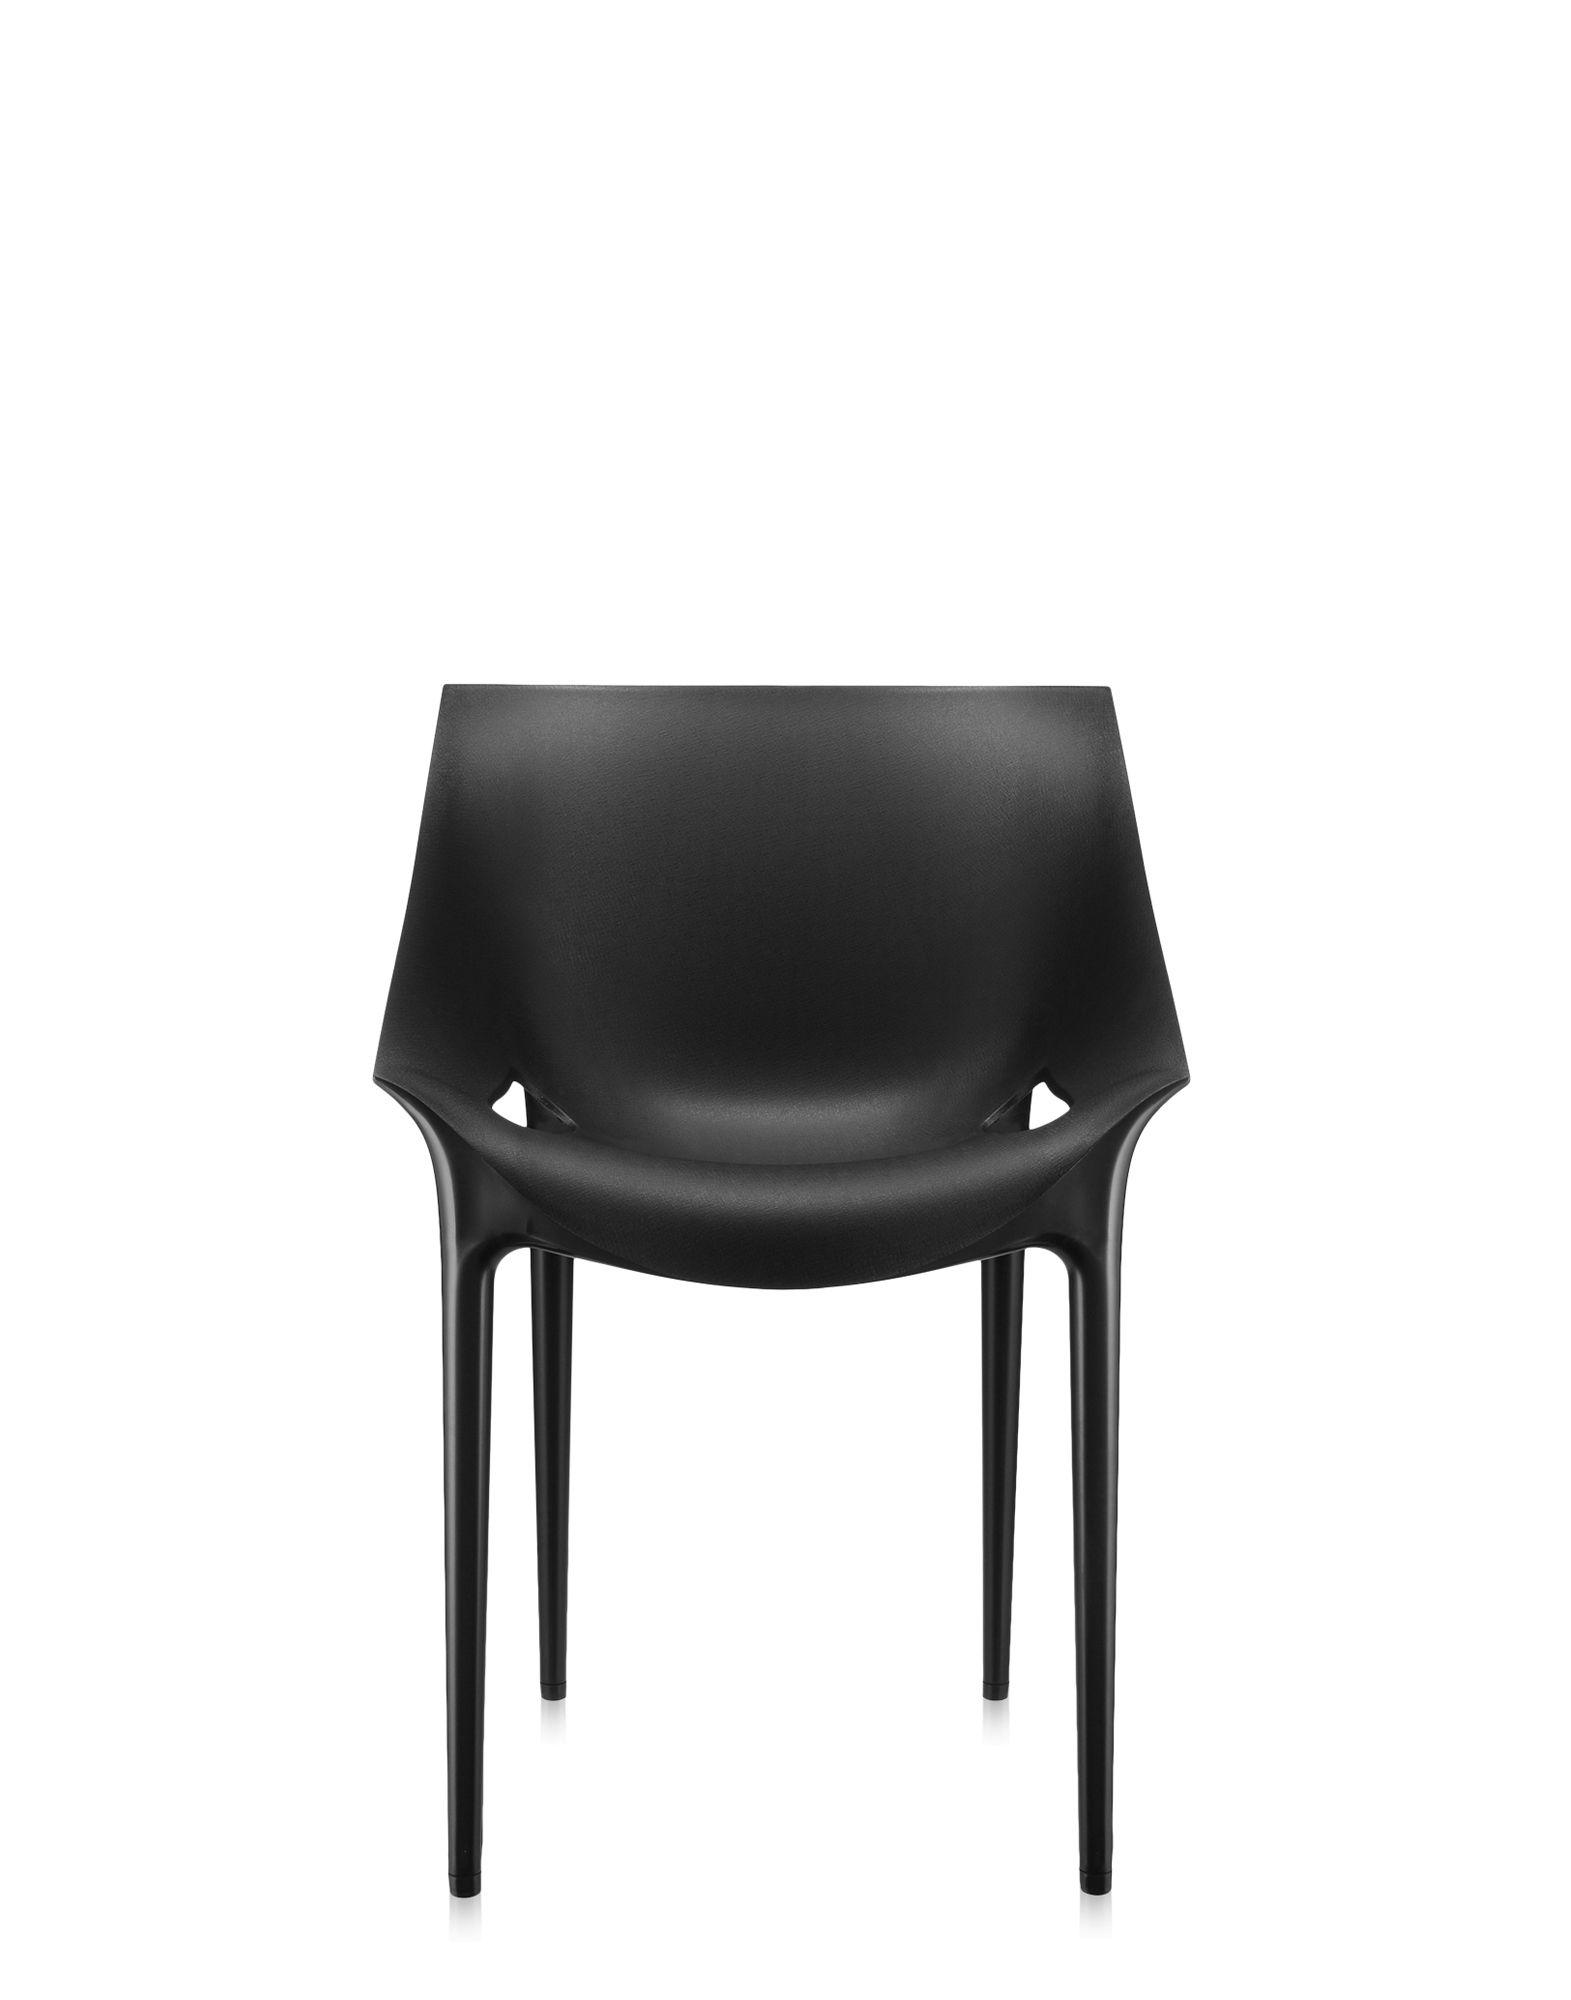 Kartell dr yes nero sedie design newformsdesign for Sedie design kartell